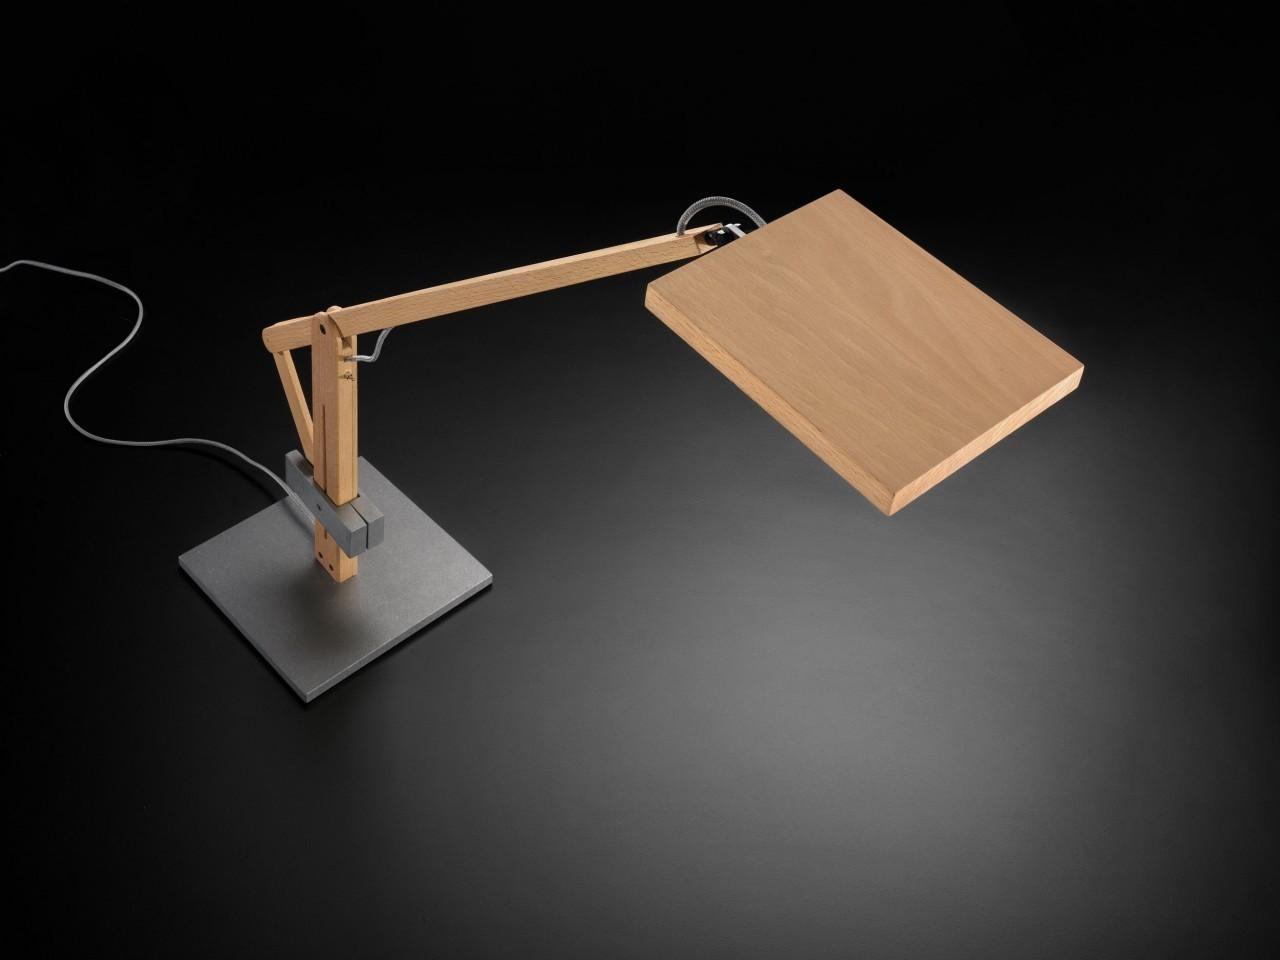 Drewniana lampa stołowa lawa idealna do biura